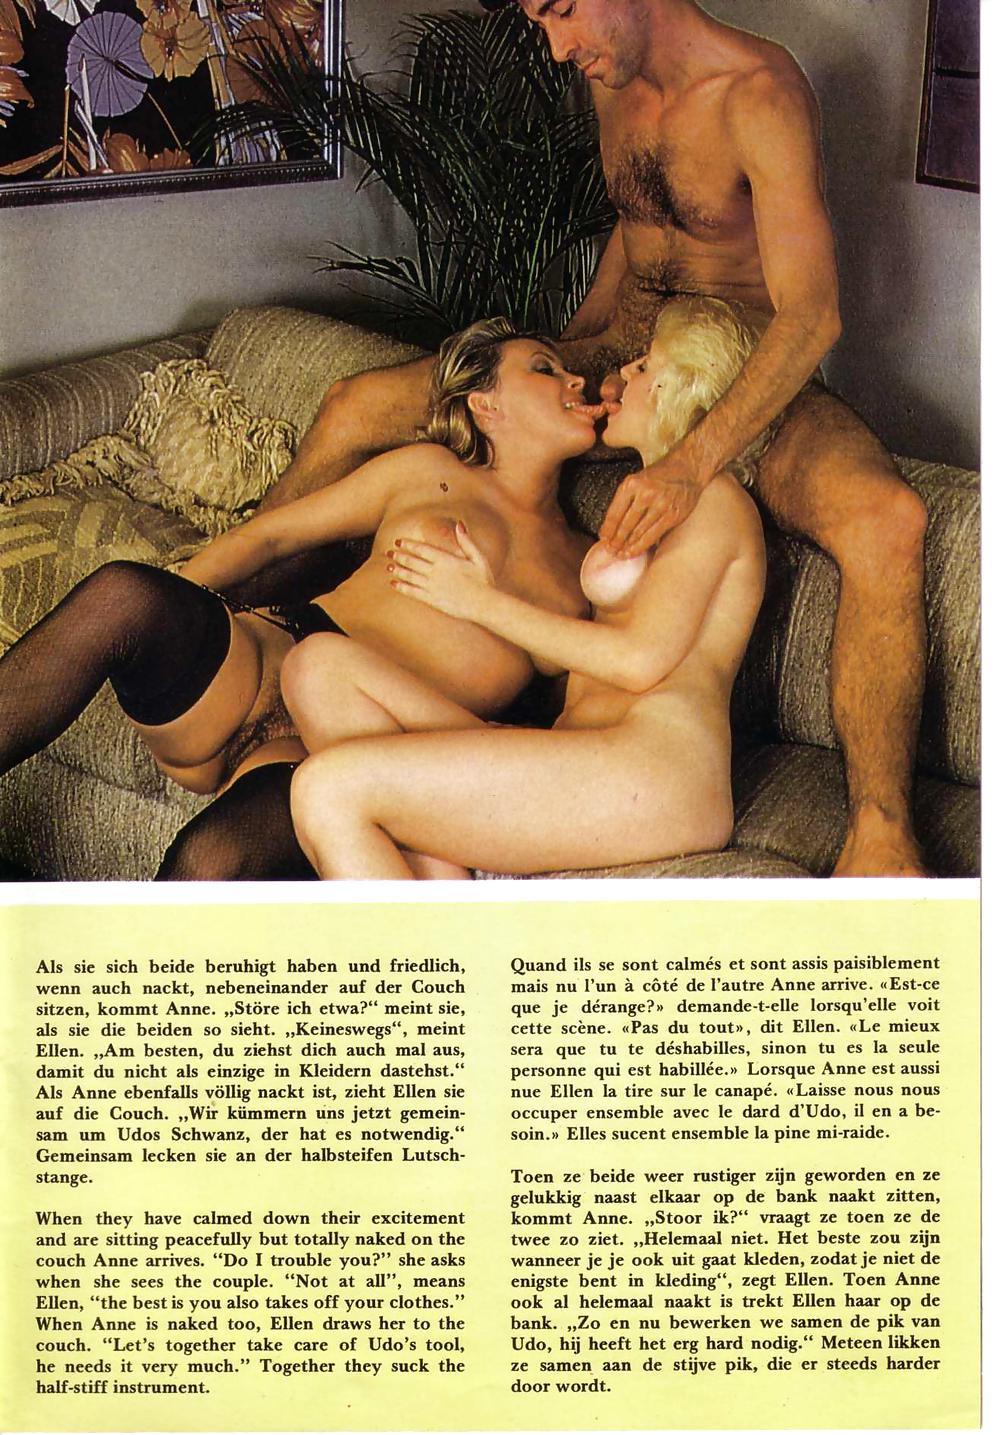 Vintage Group Set - Asshole Love Porn Pics #13500915